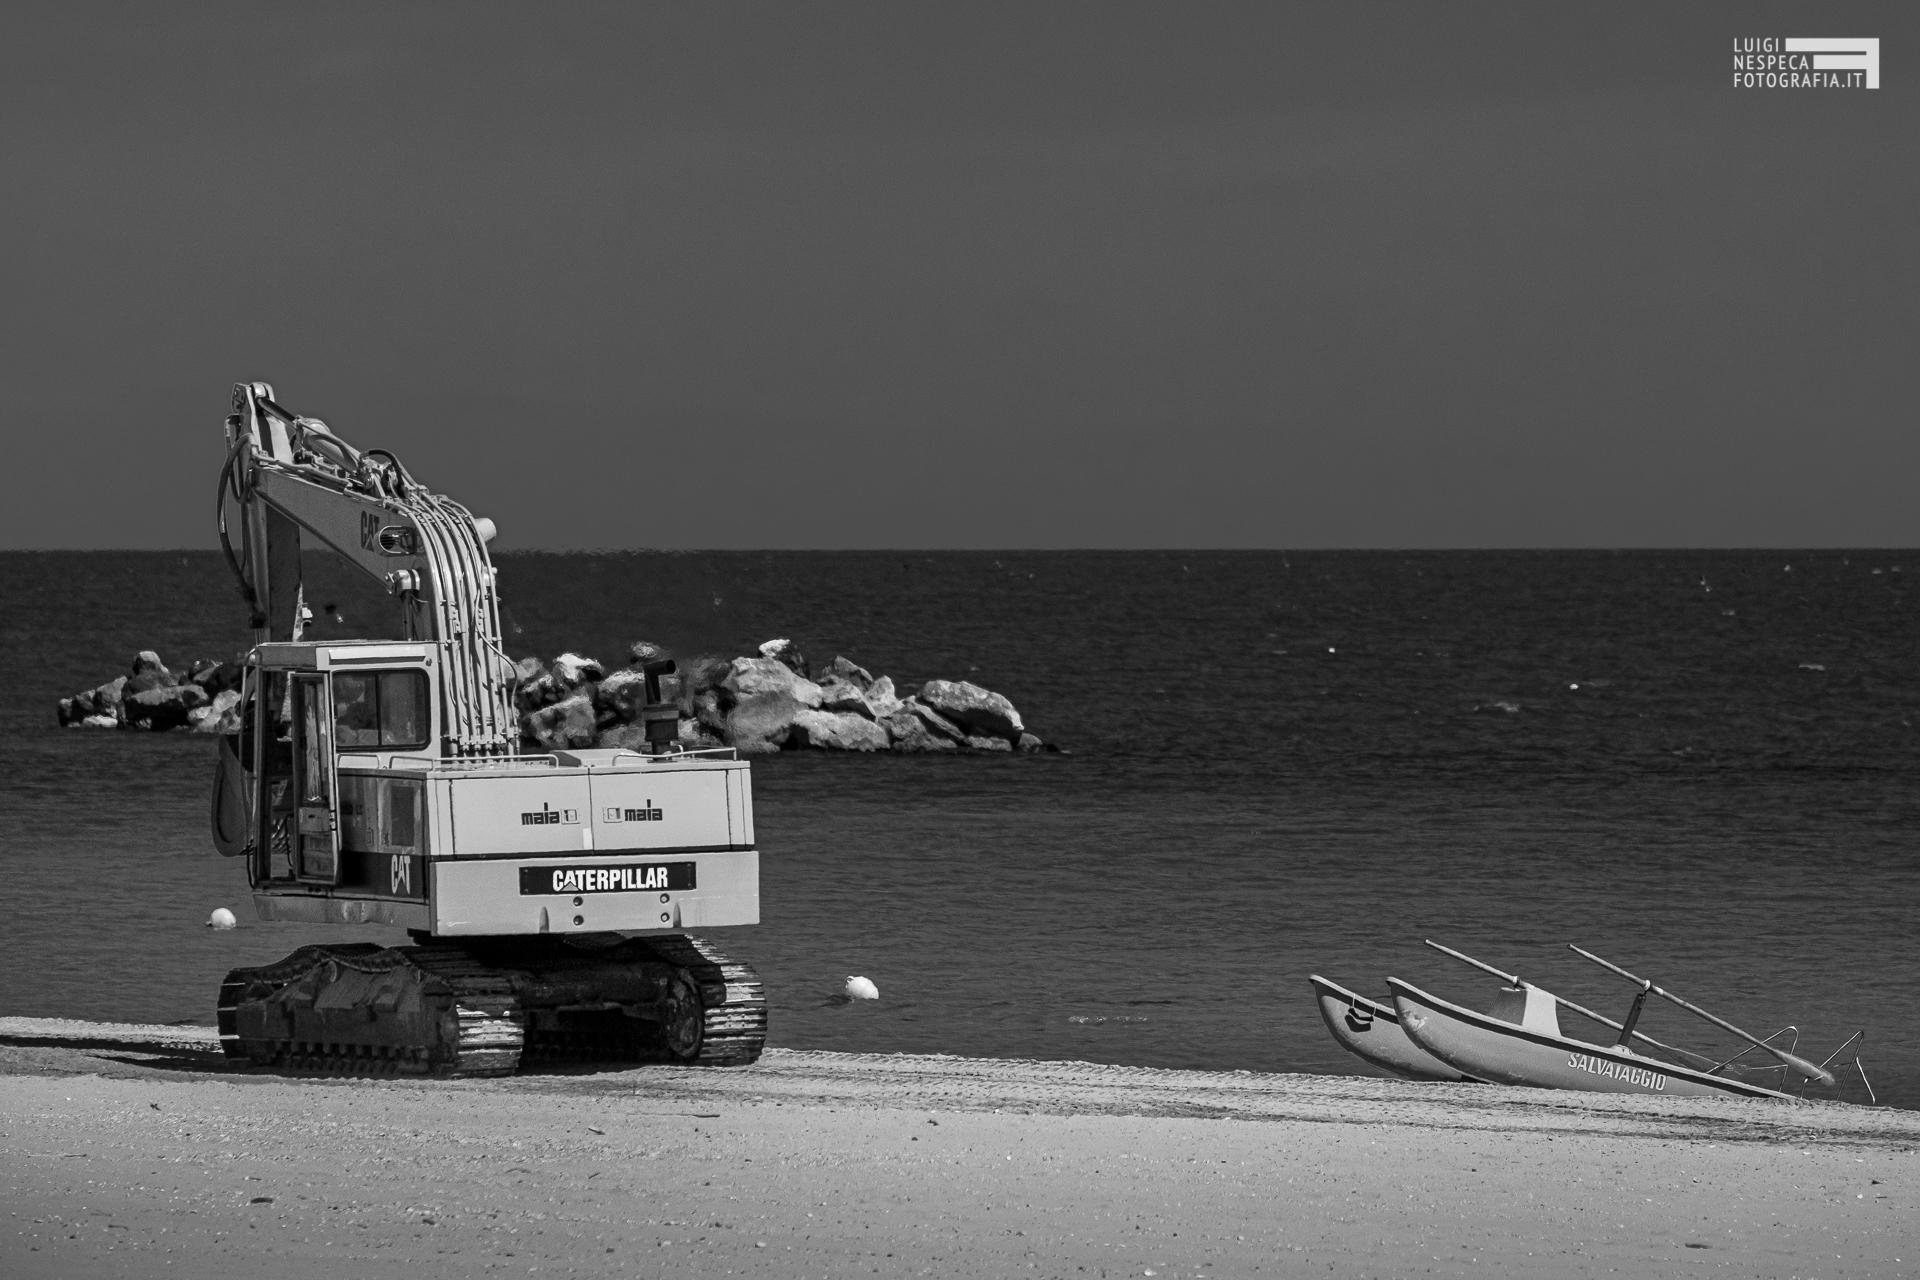 Il lungomare di Francavilla al Mare: la ripartenza